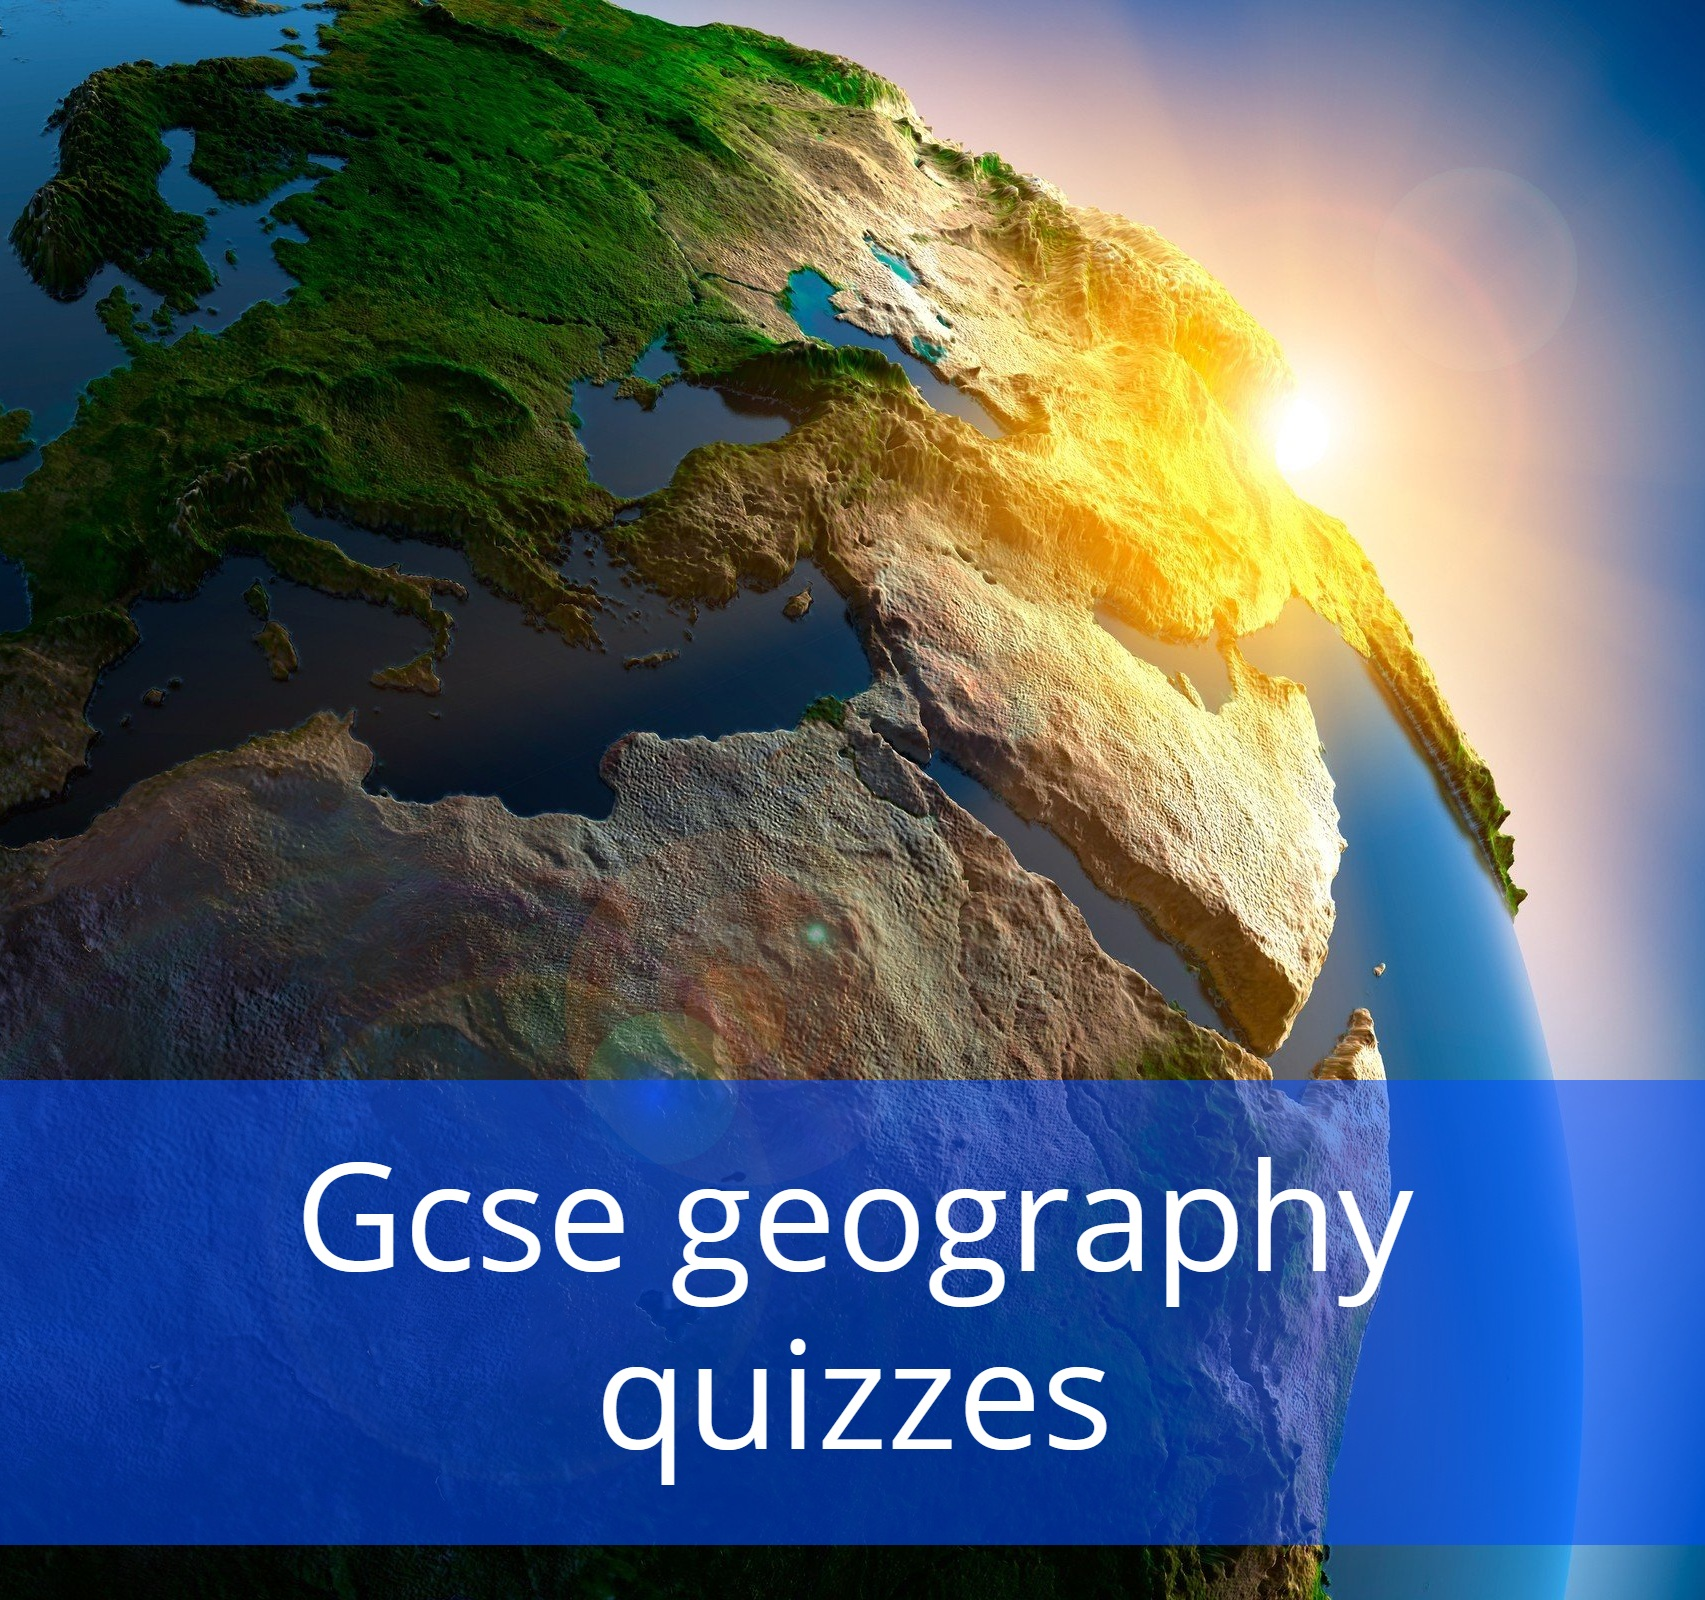 Gcse geography quizzes